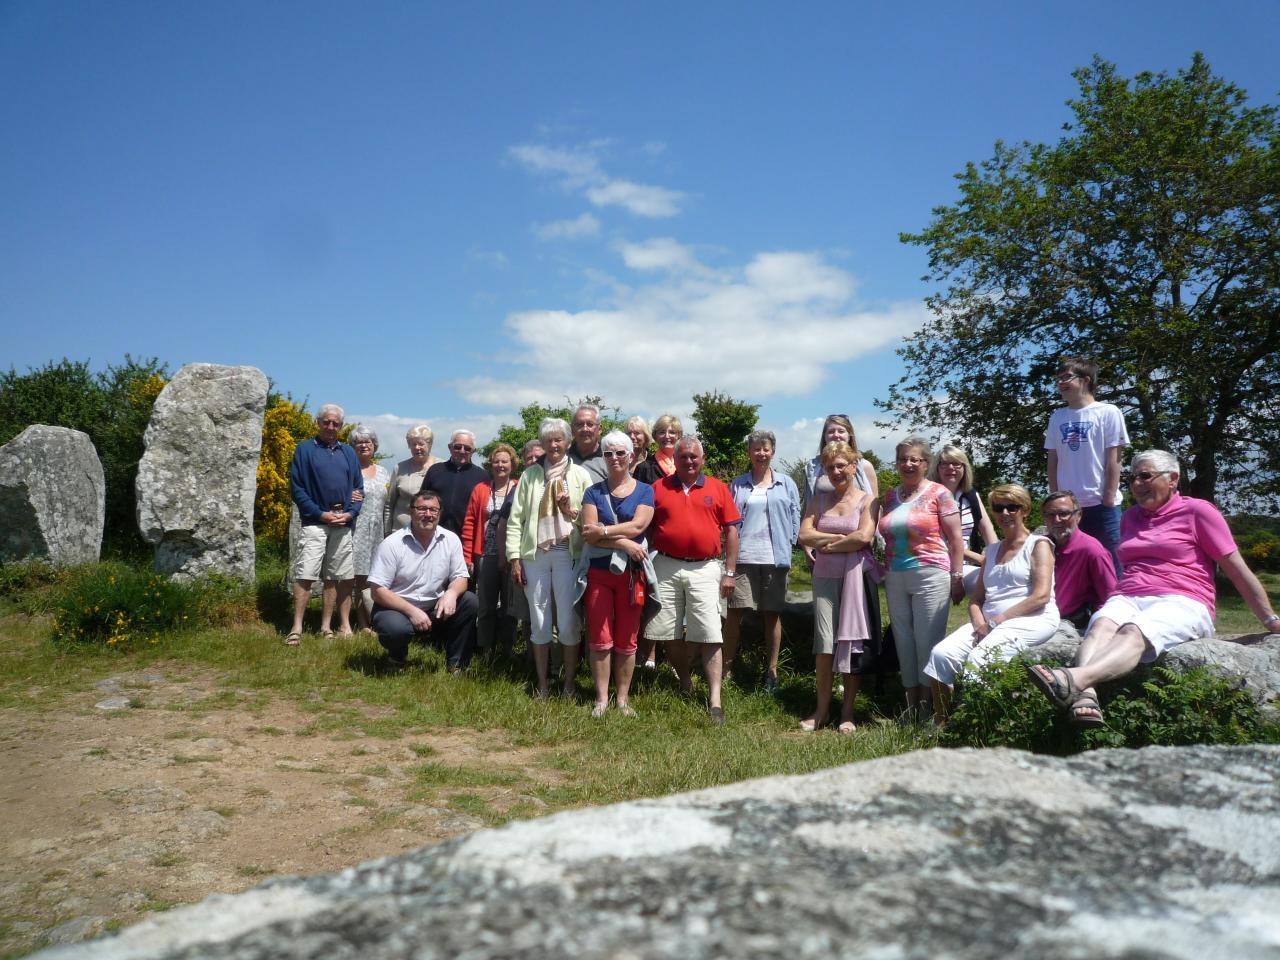 Sejour en Bretagne semaine du 22 au 29 mai 2015 (2)